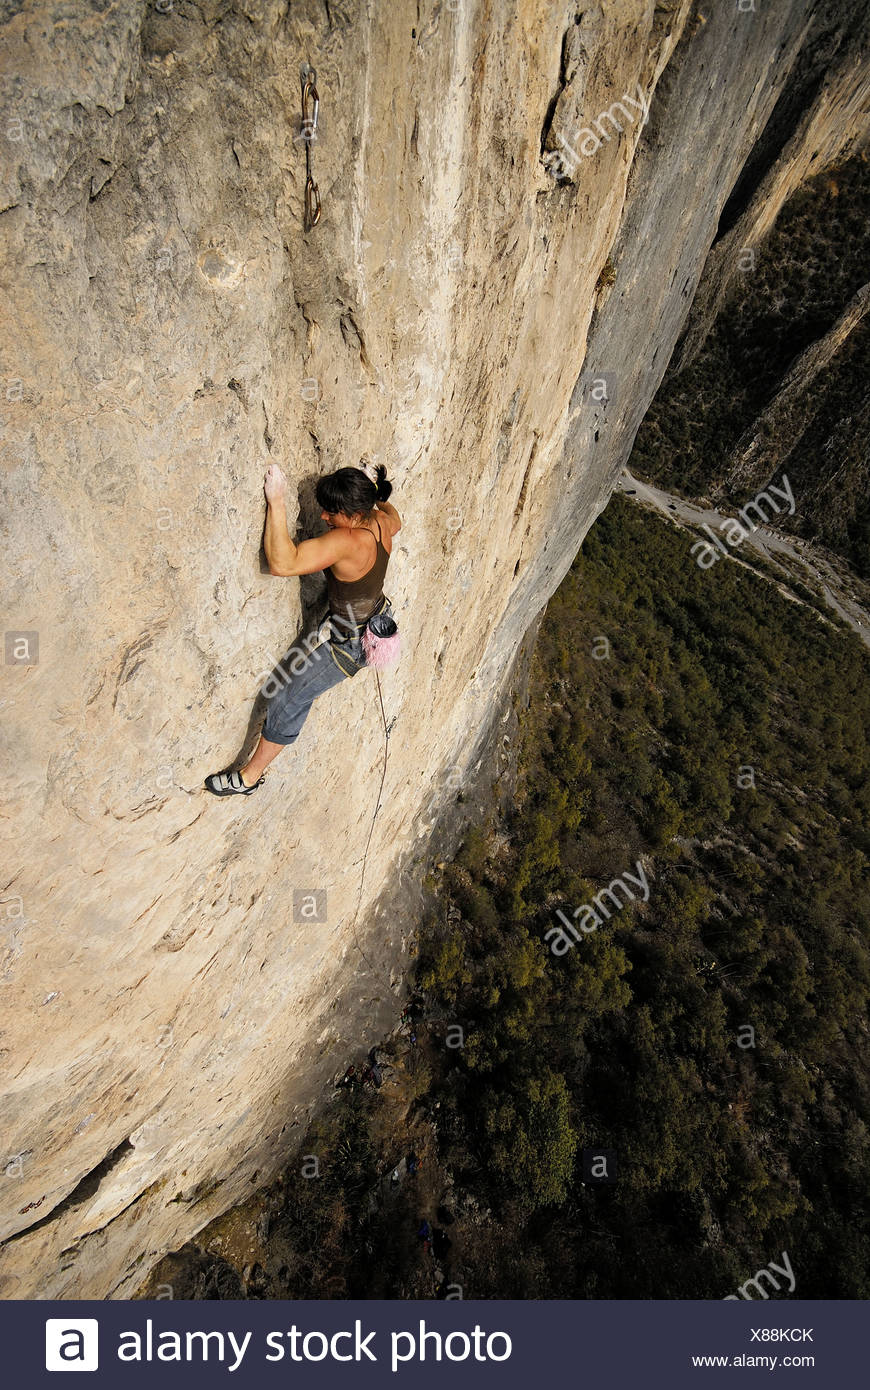 Un escalador asciende por una escarpada roca en México. Foto de stock